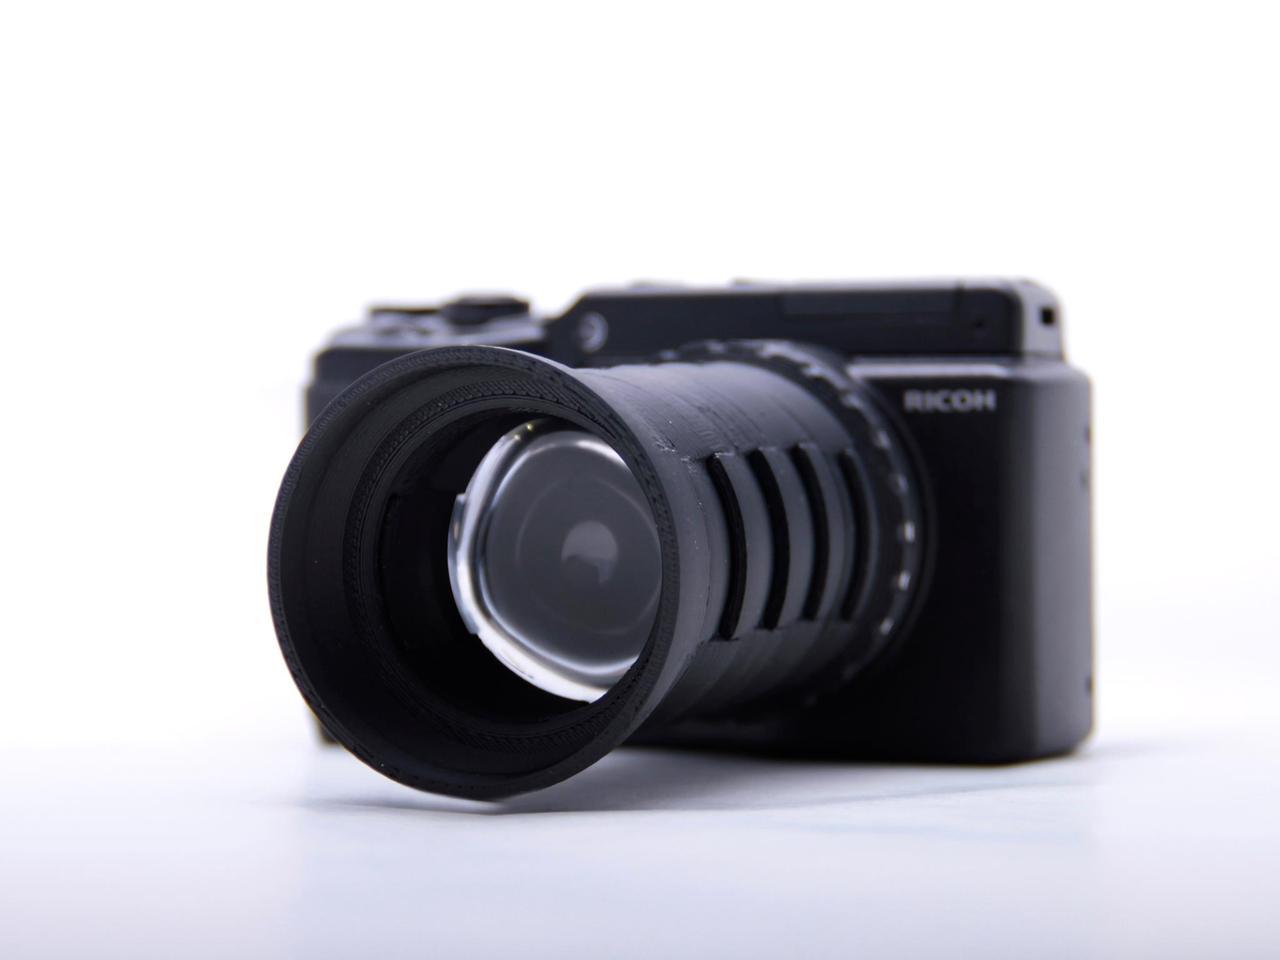 3Dプリンターで作ったカメラで写真がとれます。